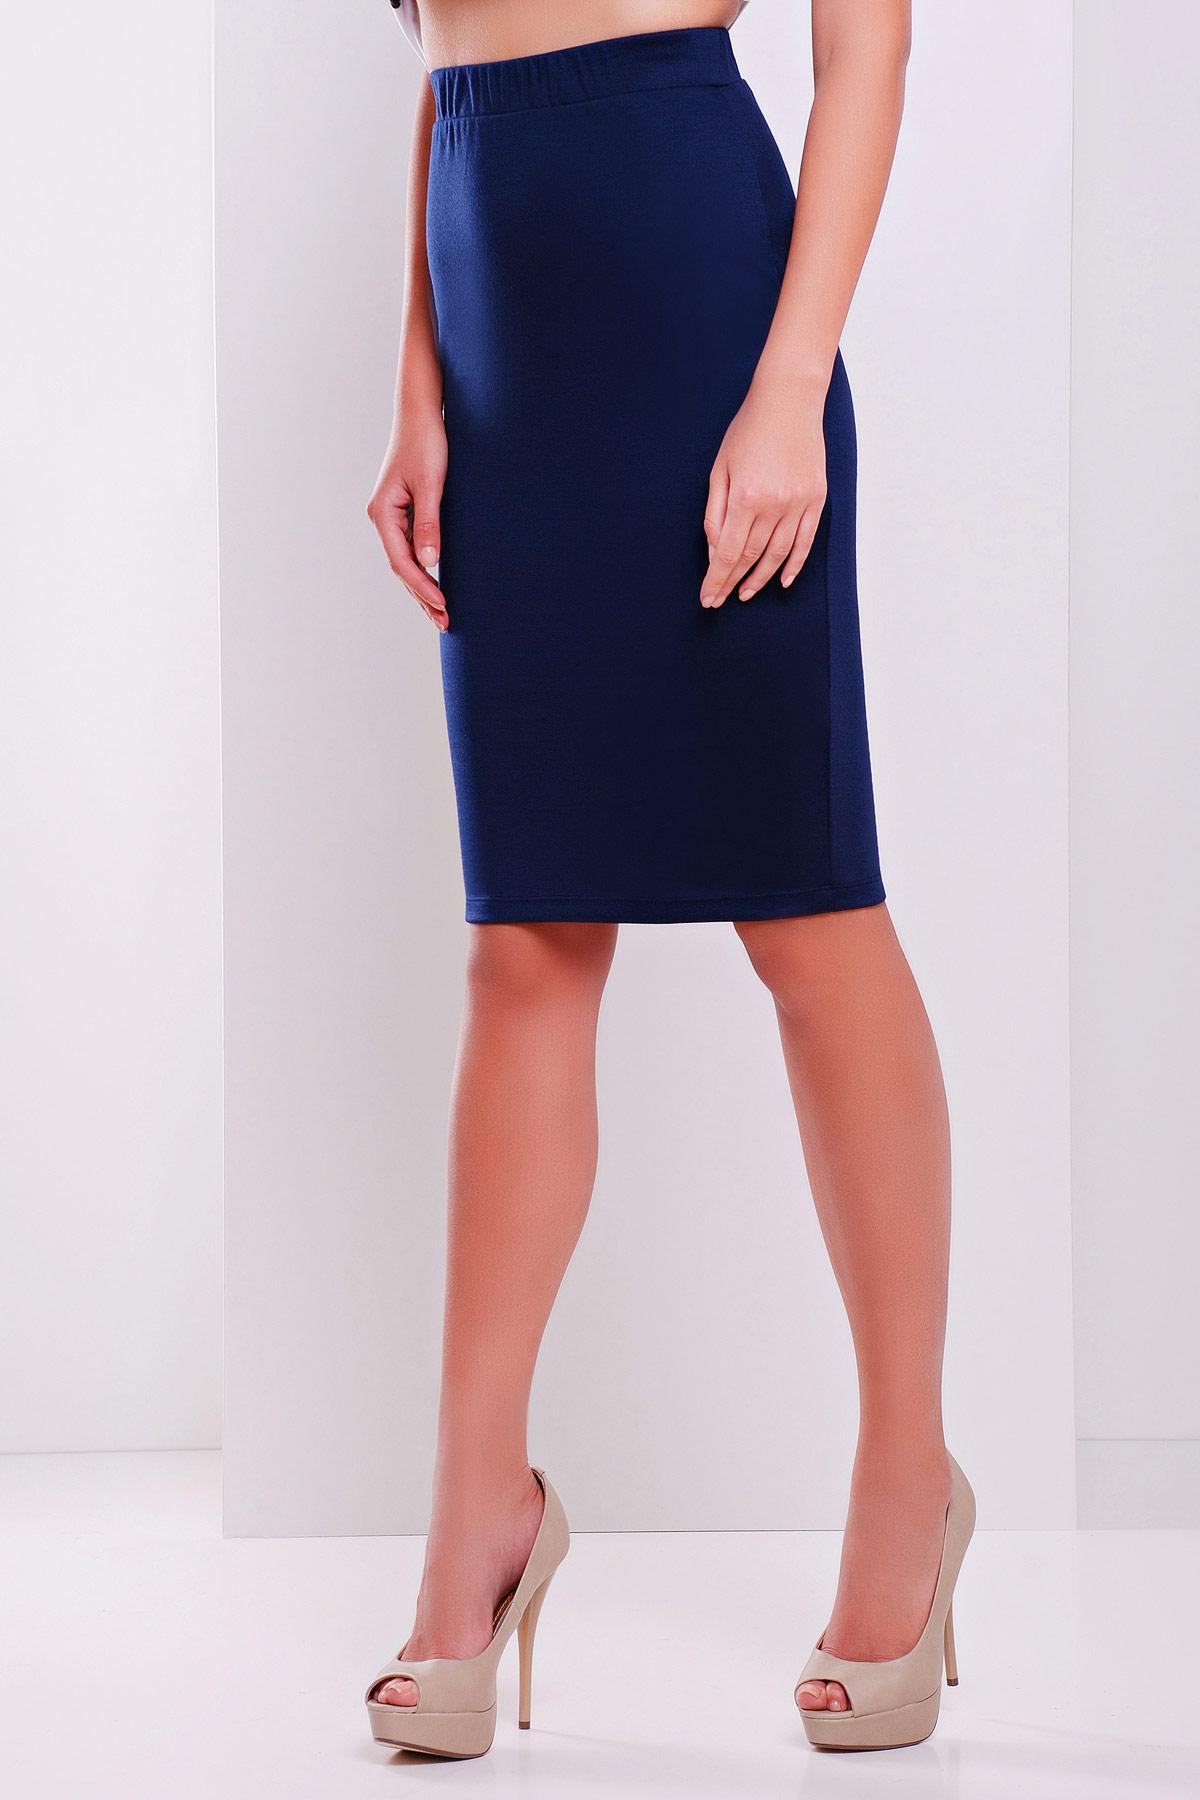 черная юбка-карандаш до колена. юбка мод. №20. Цвет: темно синий